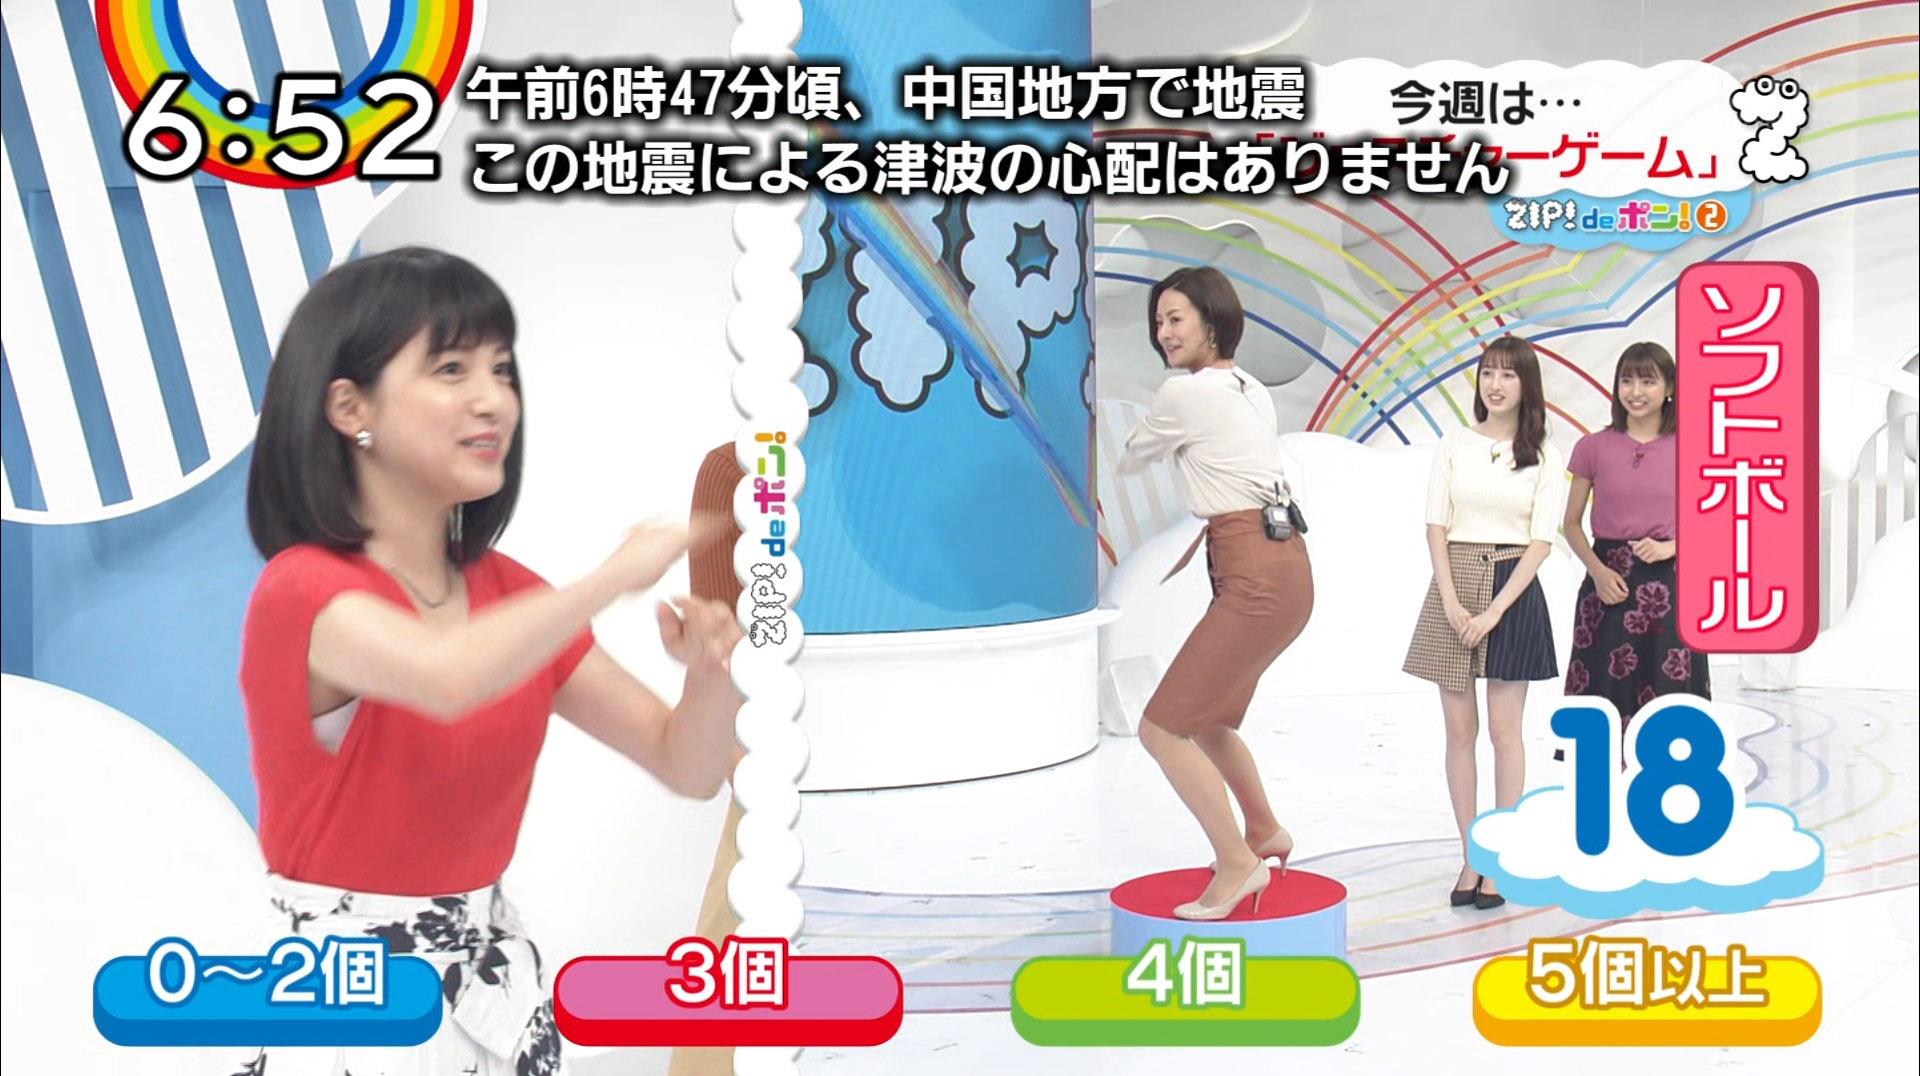 徳島えりかアナ タイトスカートでジェスチャーゲーム!